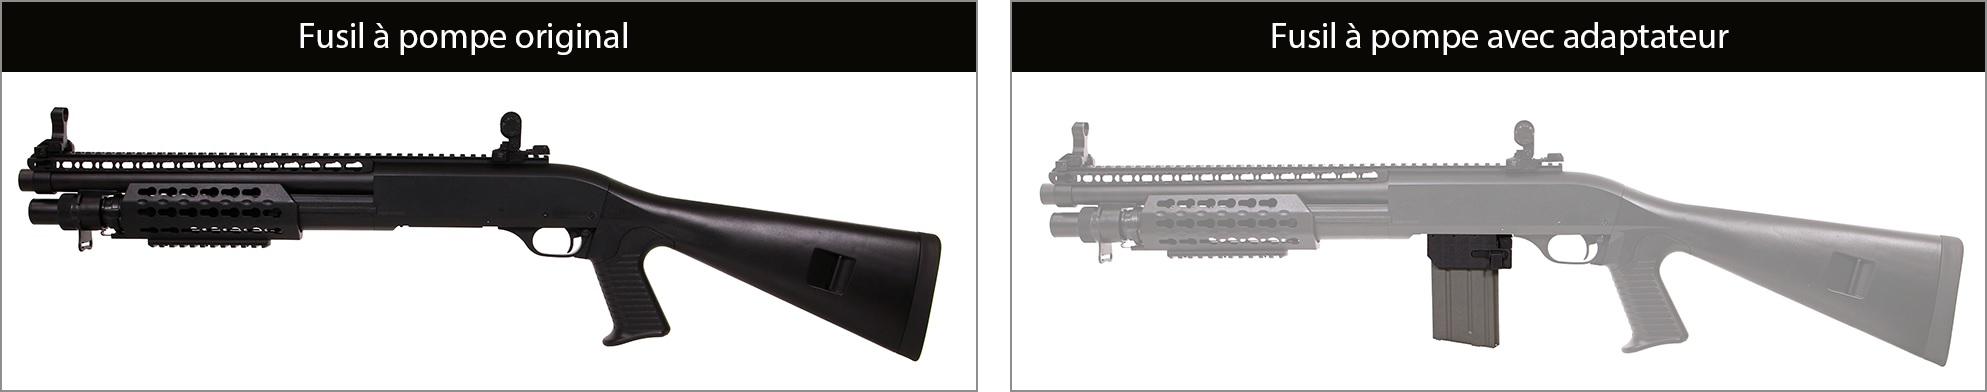 adaptateur chargeur m4 fusil a pompe elements 4